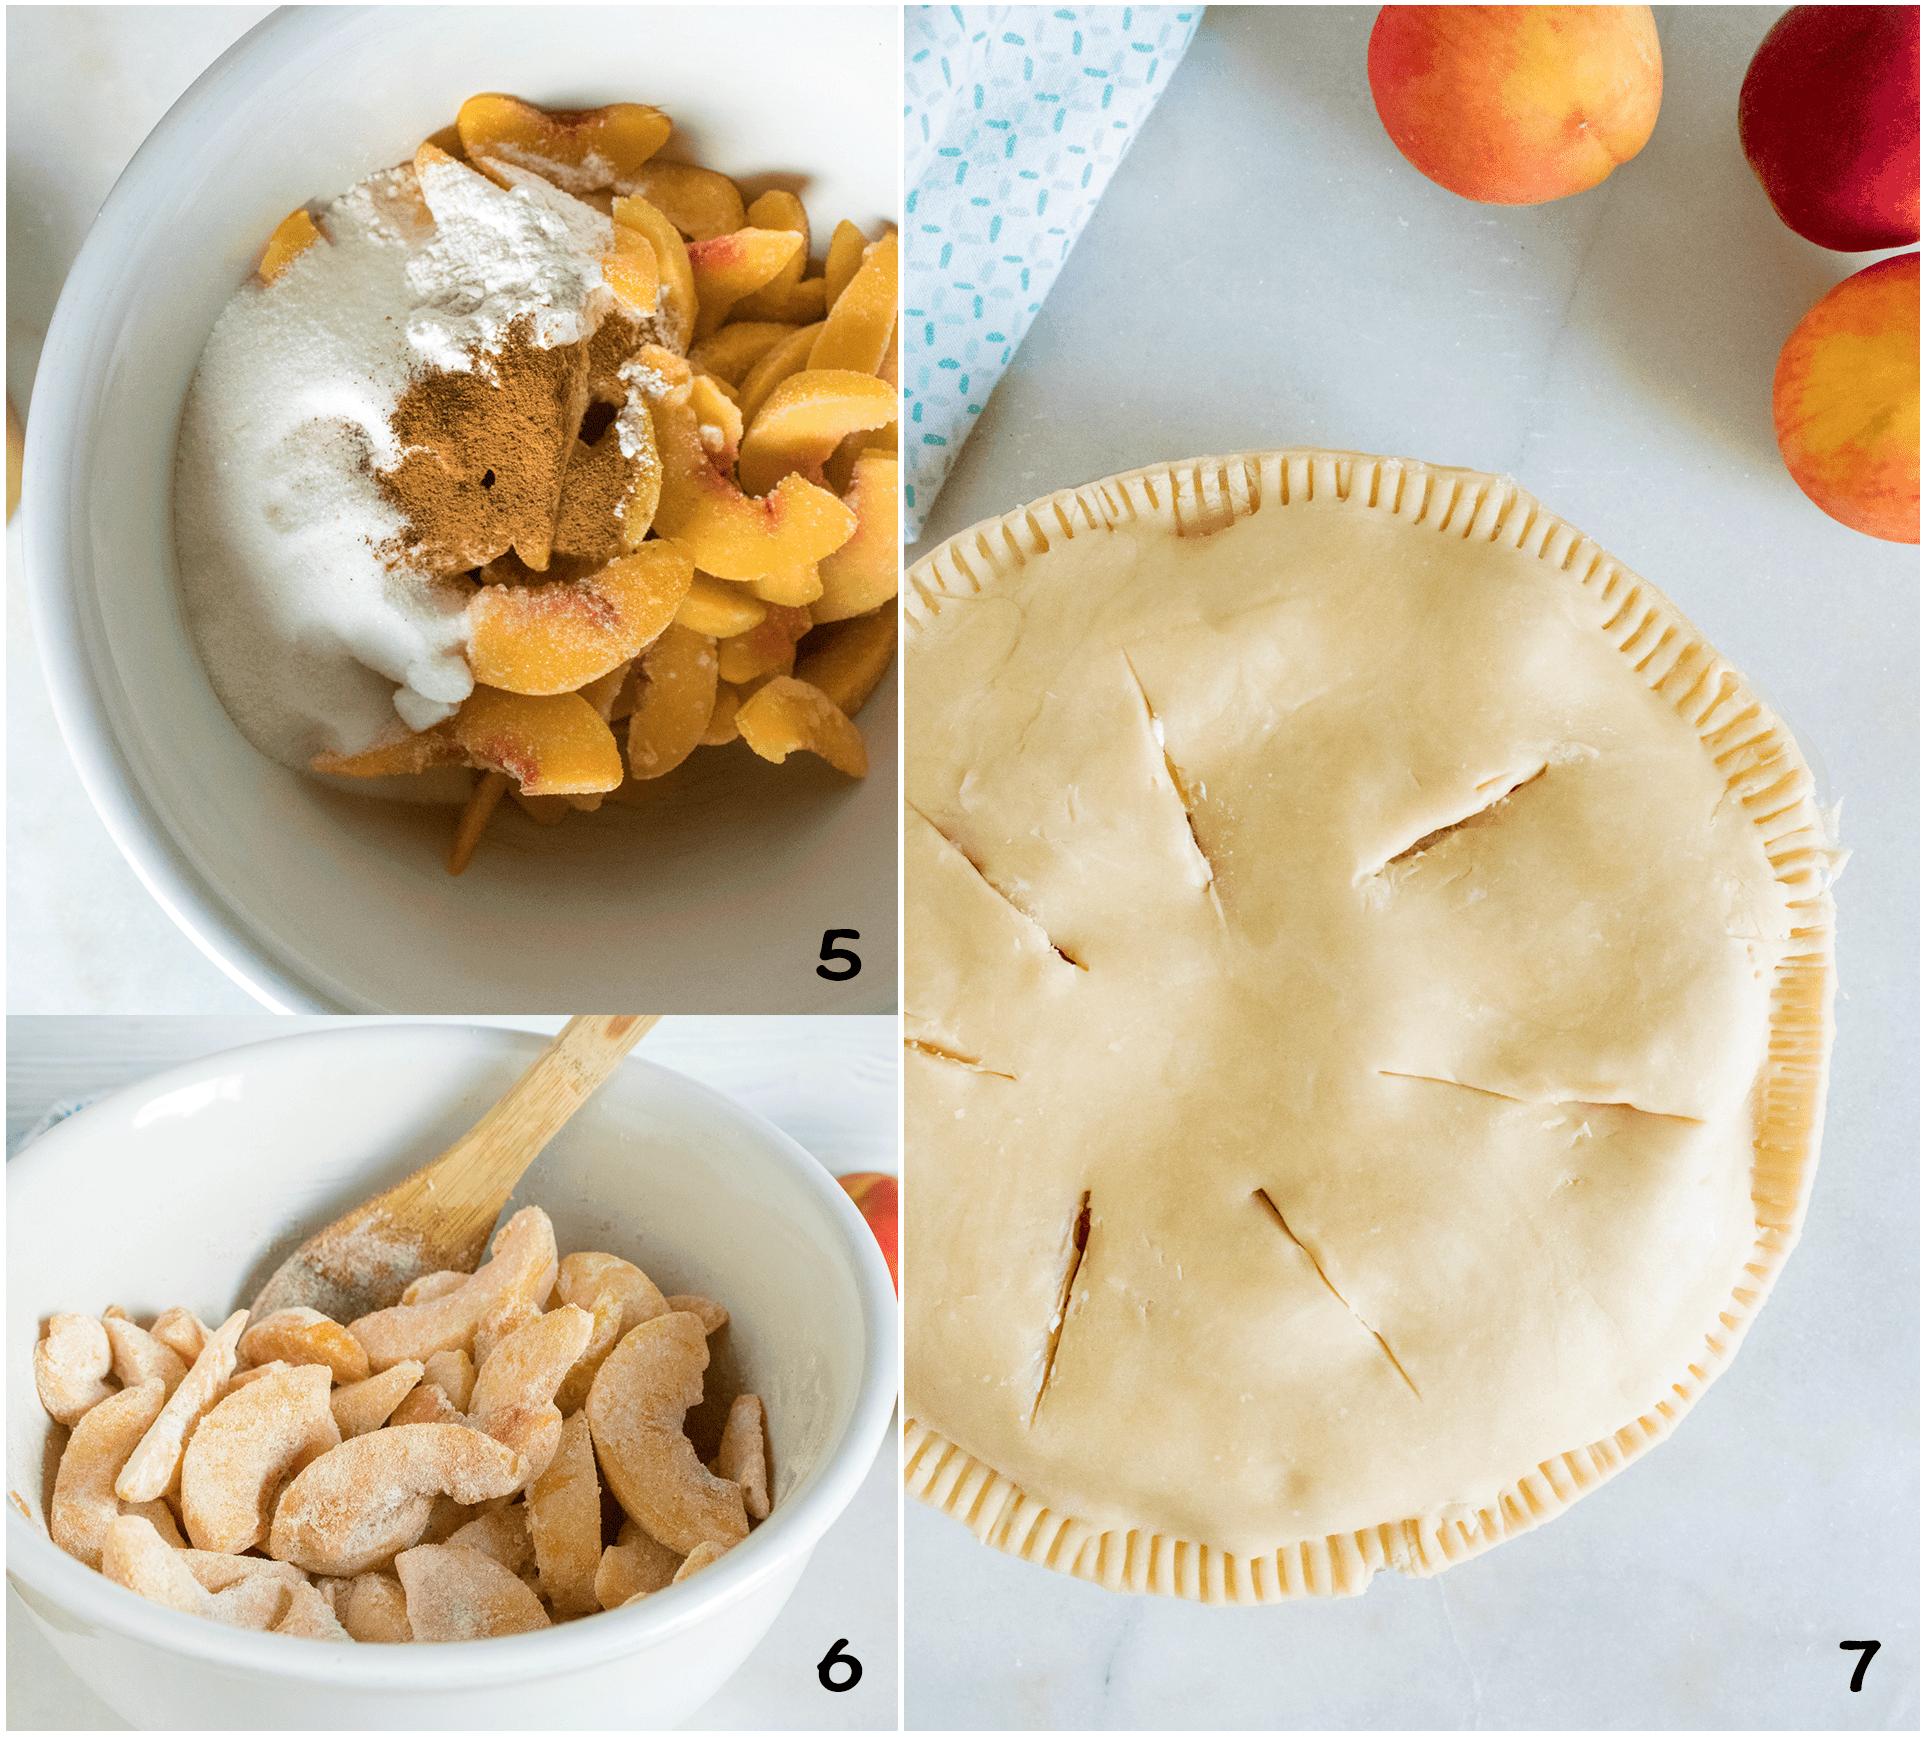 steps to make peach pie